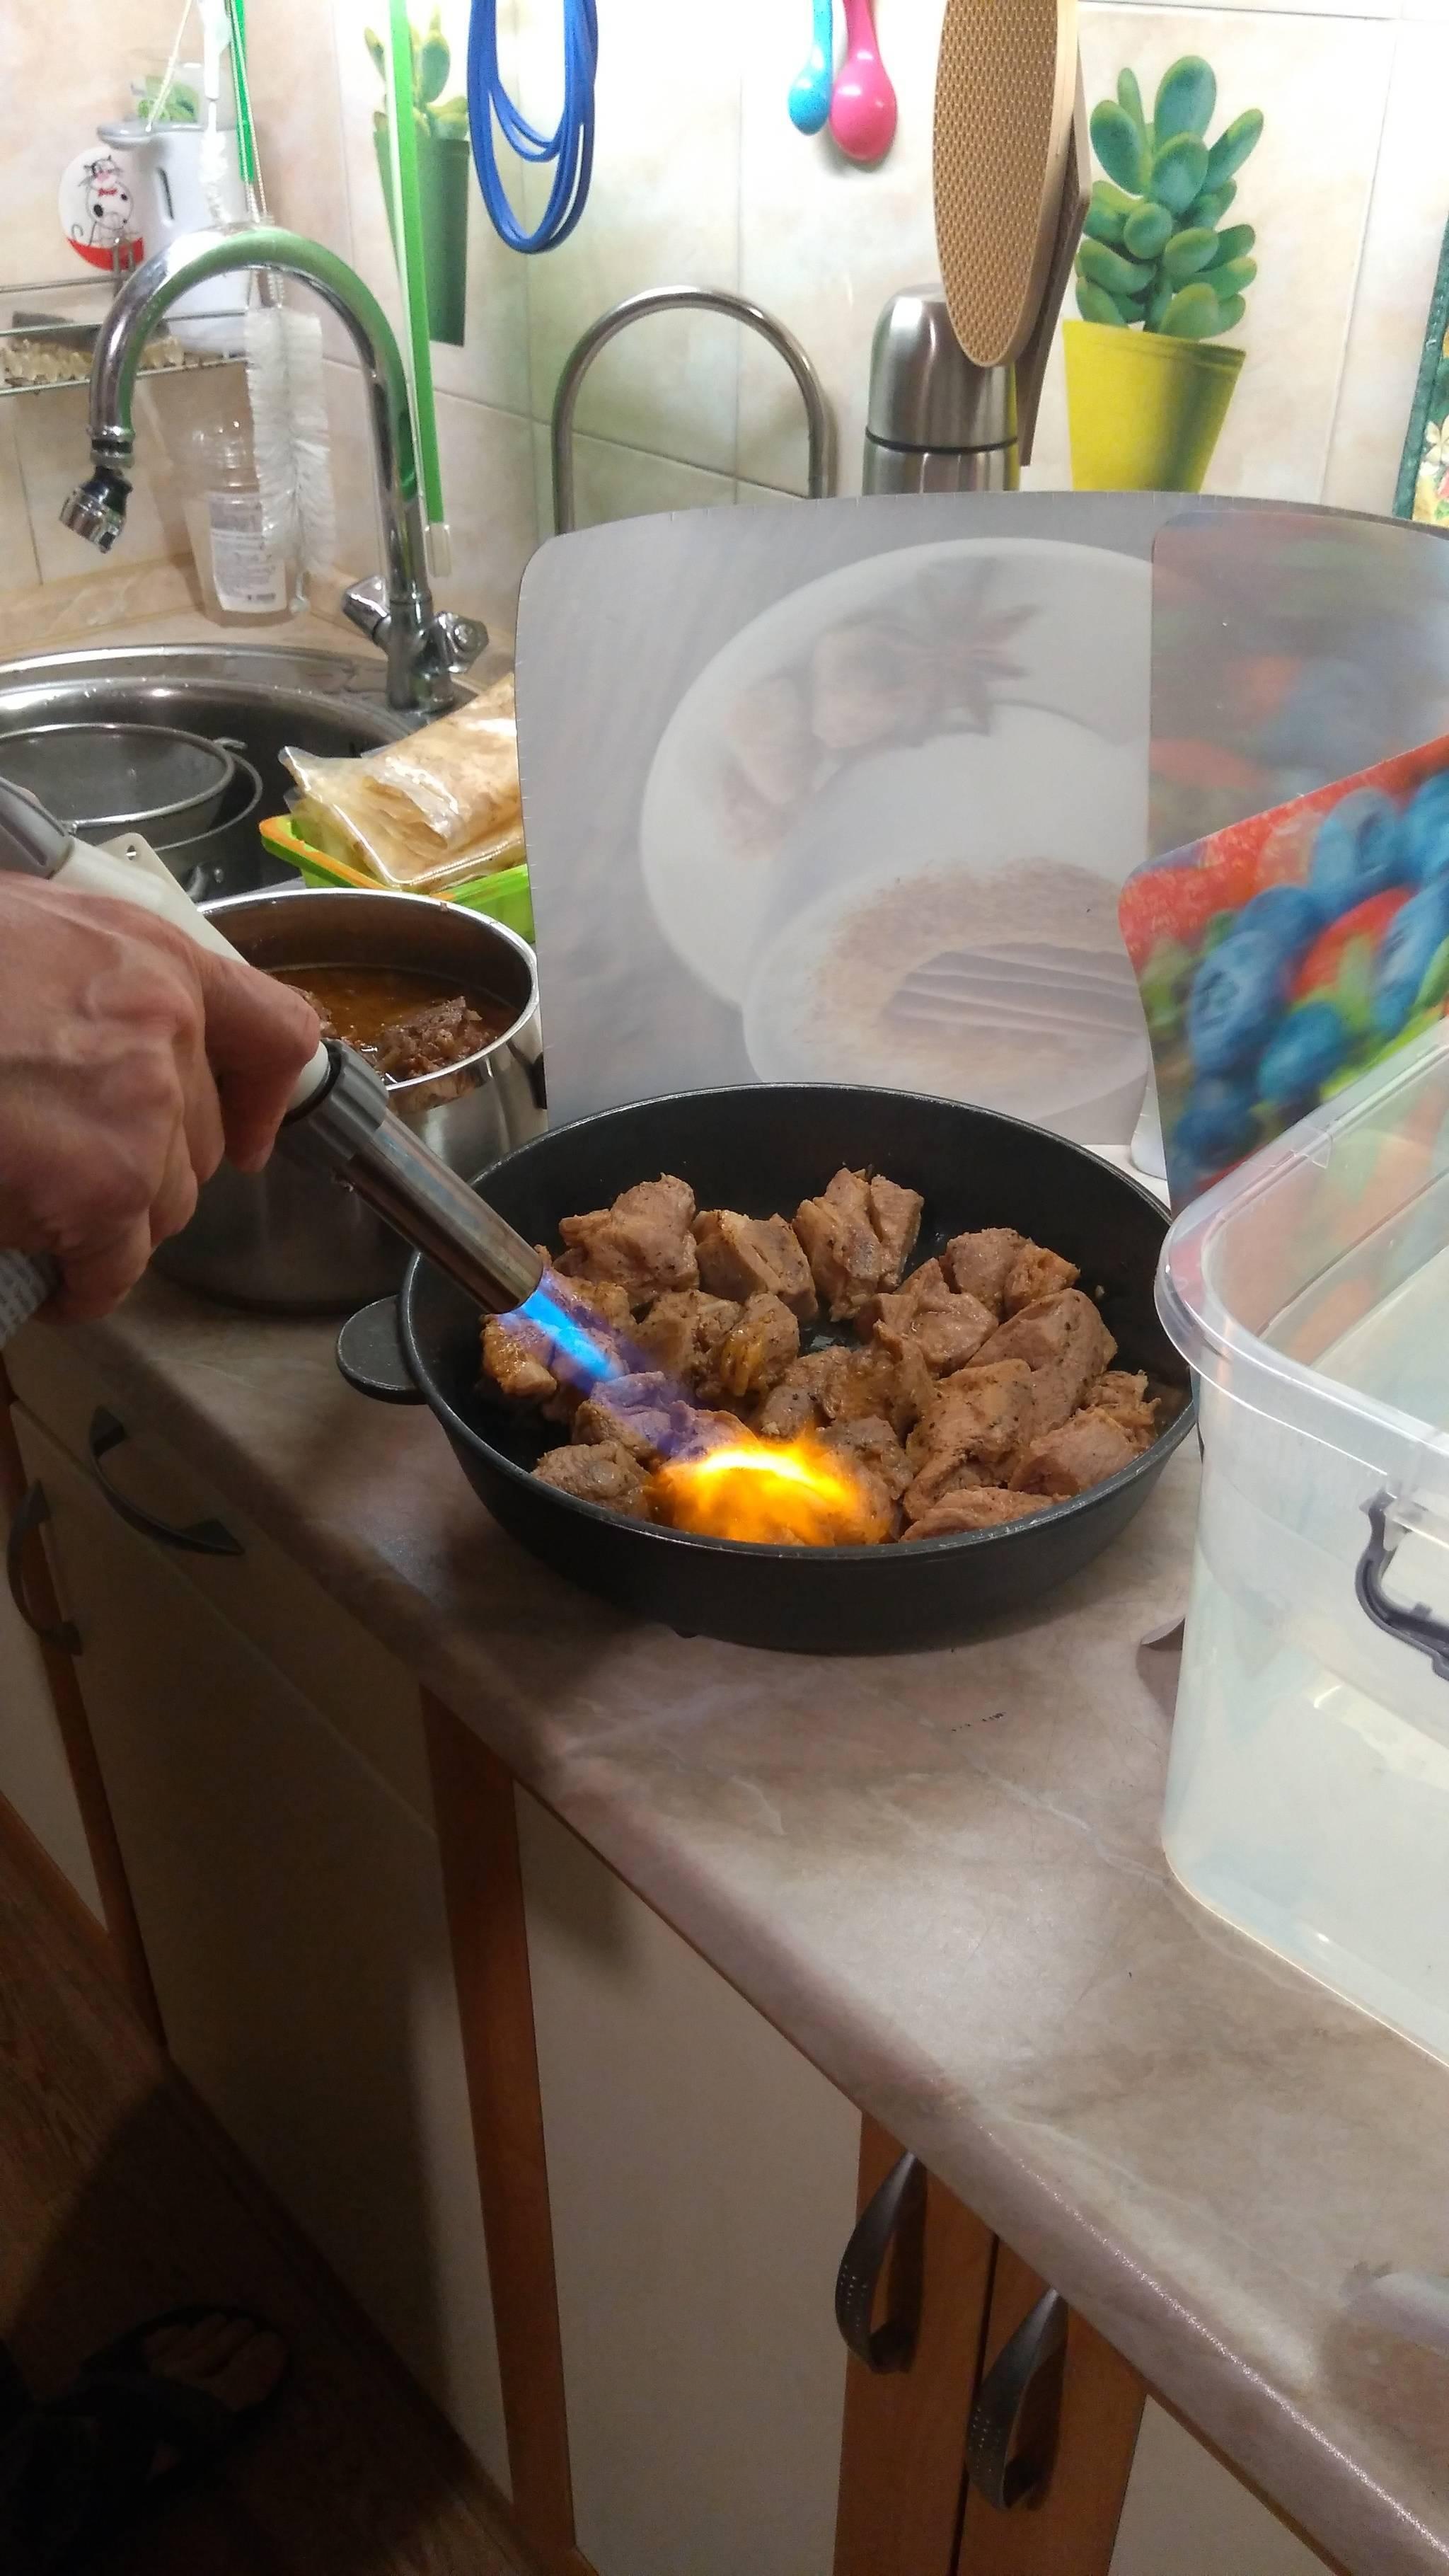 Вентилятор для приготовления шашлыка, сделанный в китая, видео